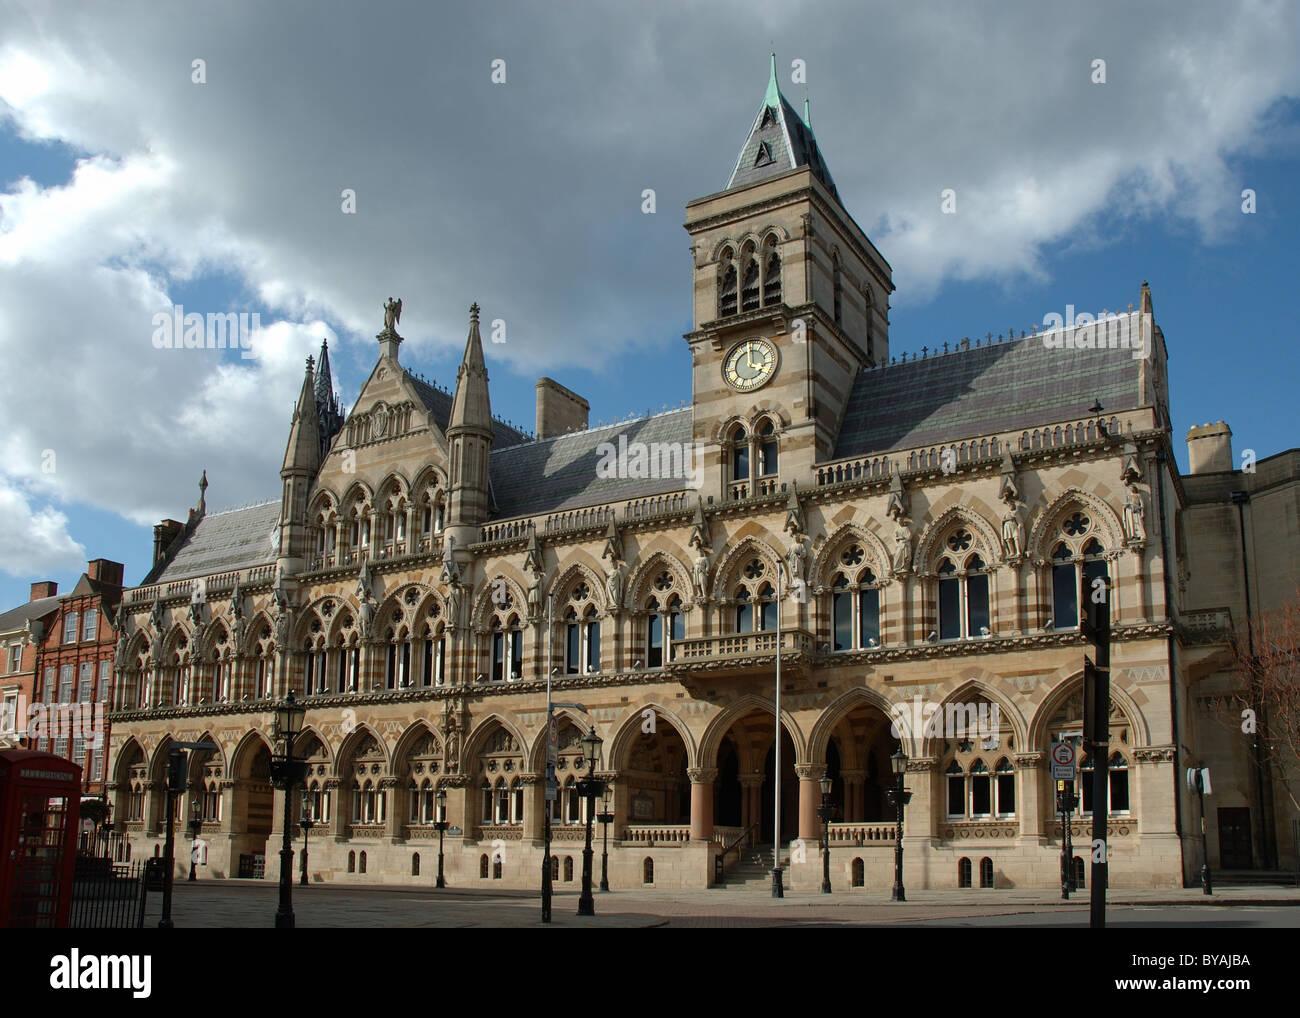 Guildhall, St Giles Square, Northampton, Northamptonshire, England, UK - Stock Image